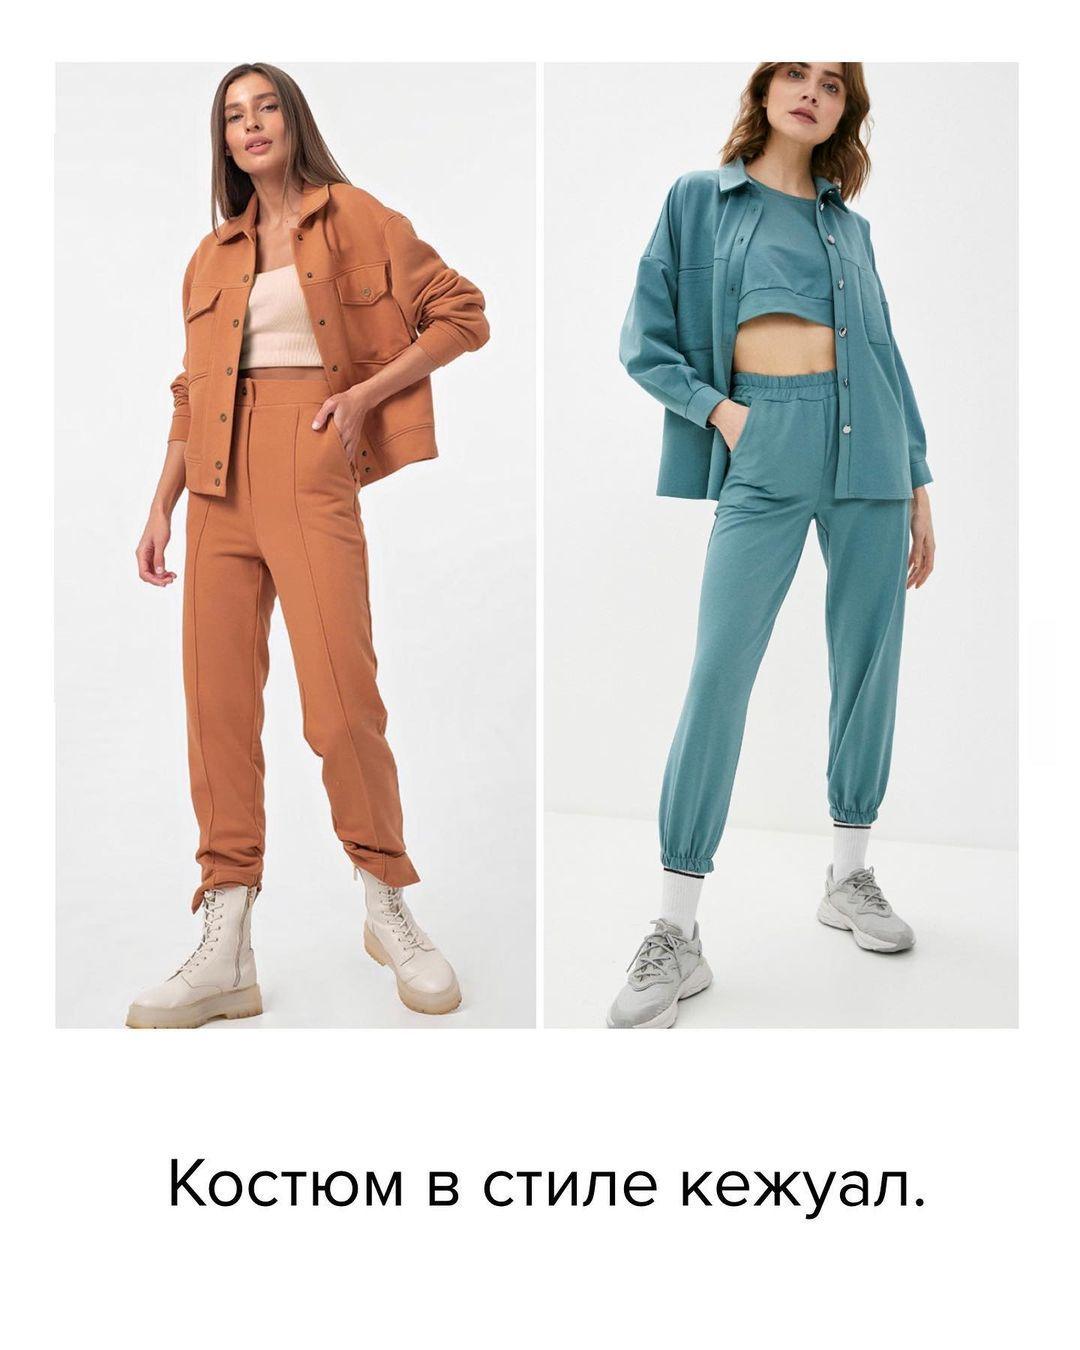 На кожен день, на вихід, в дорогу: стиліст назвала трендові моделі костюмів весни 2021